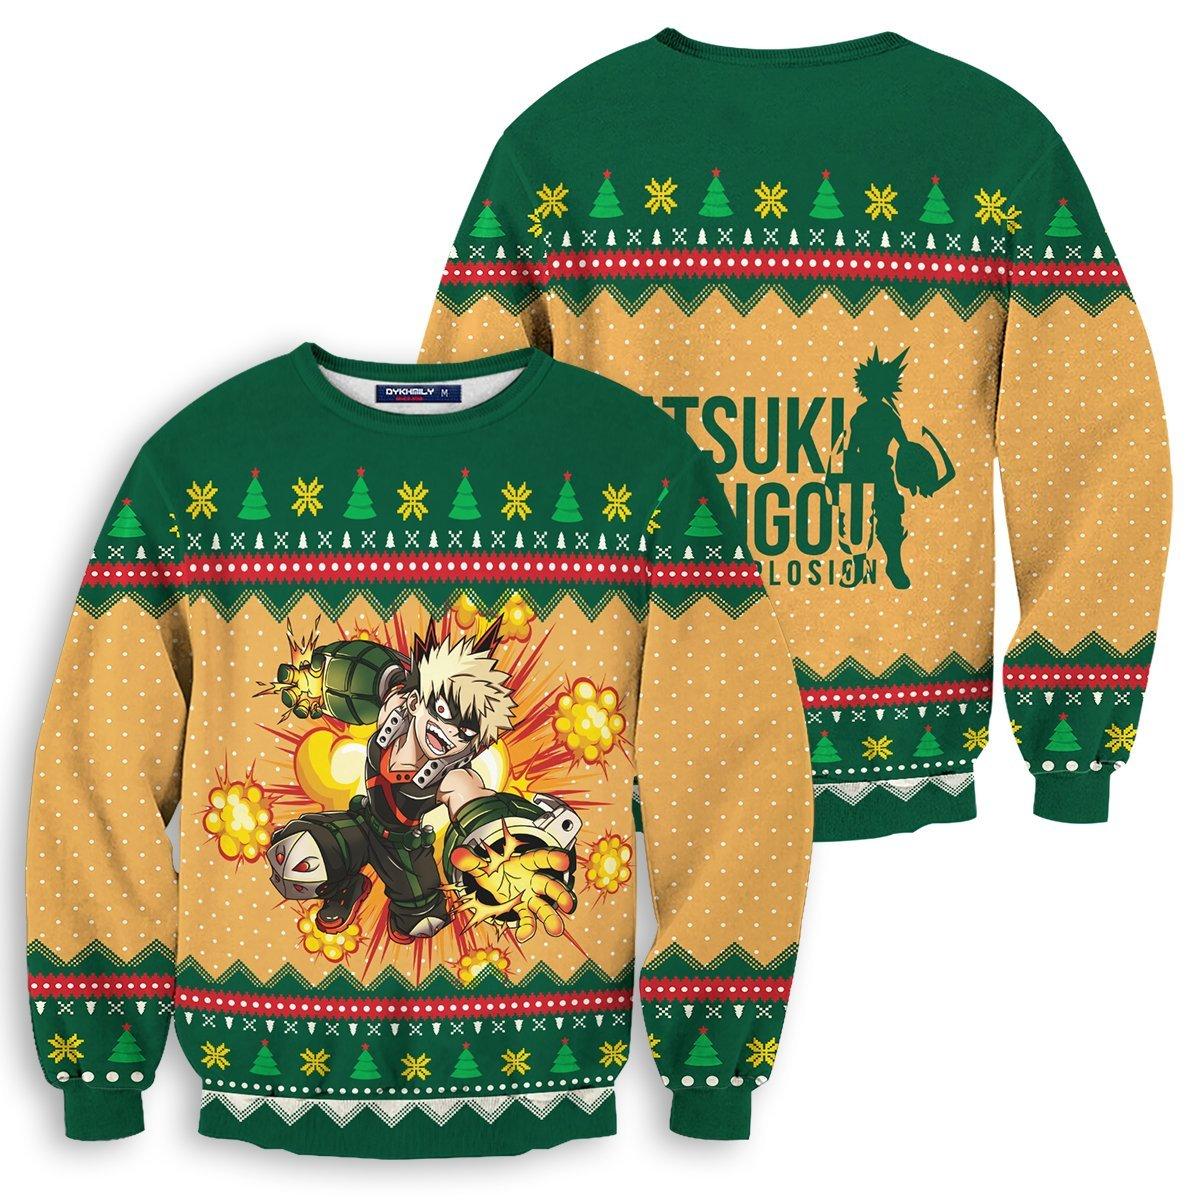 New Katsuki Boom Unisex Wool Sweater FDM0310 S Official Otaku Treat Merch